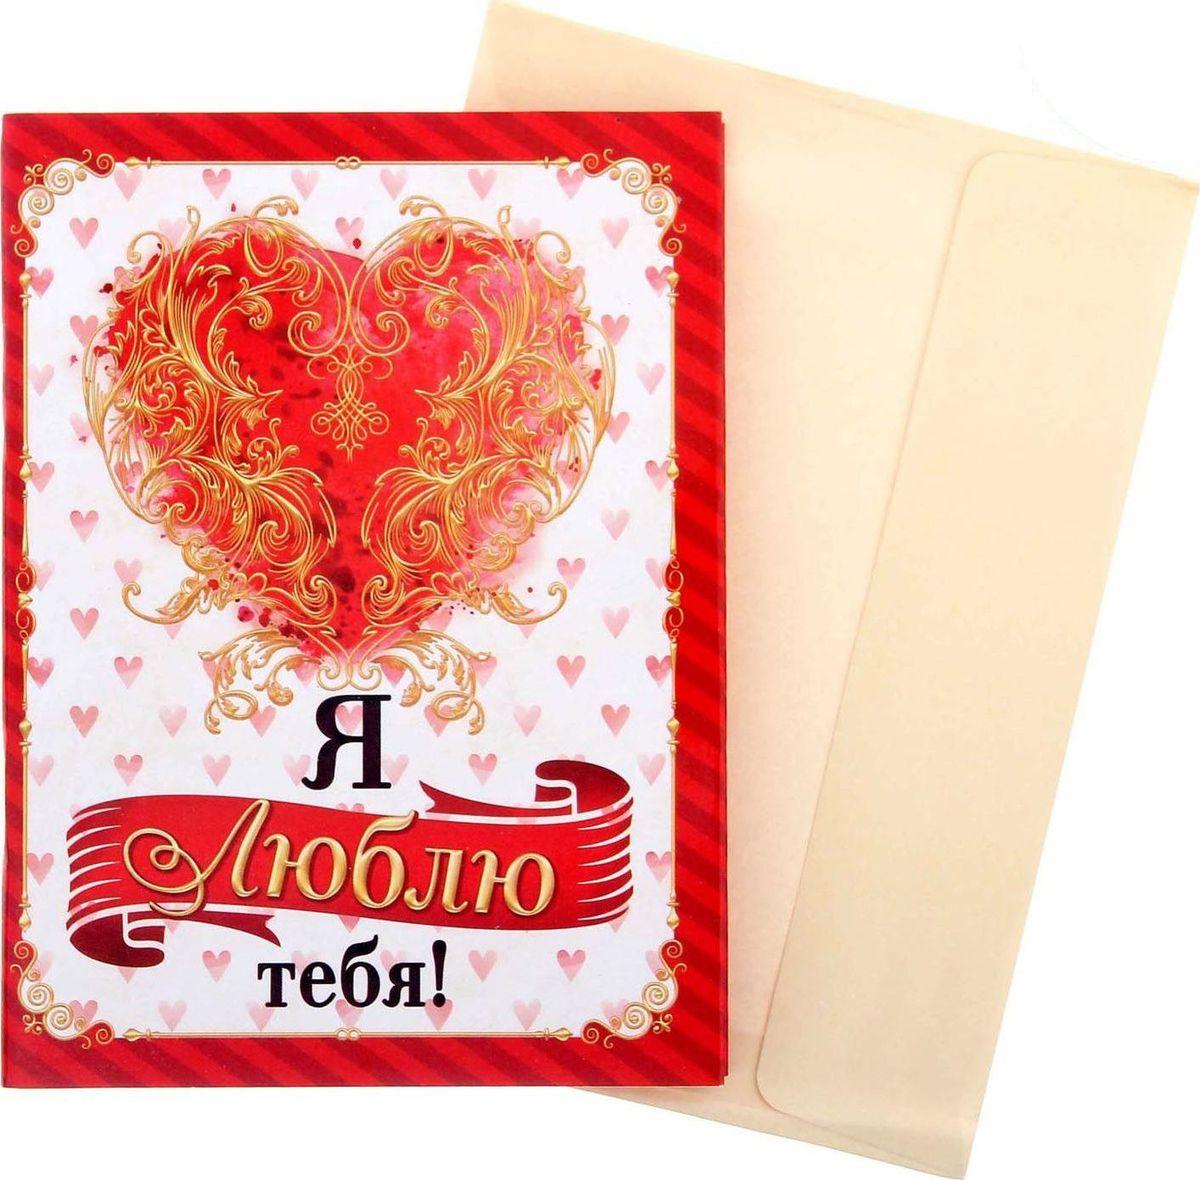 Блокнот-открытка Я люблю тебя 32 листа0703415Блокнот-открытка Я люблю тебя!, 32 листа сочетает в себе красоту и практичность. Он содержит приятные пожелания от близких людей, а 32 дизайнерских листа с бархатной фактурой подарят отличное настроение владельцу. В отличие от обычной открытки, которая будет пылиться в шкафу, блокнотом приятно пользоваться! Изделие дополнено универсальным конвертом, подпишите его и вручите сувенир адресату на любой праздник.